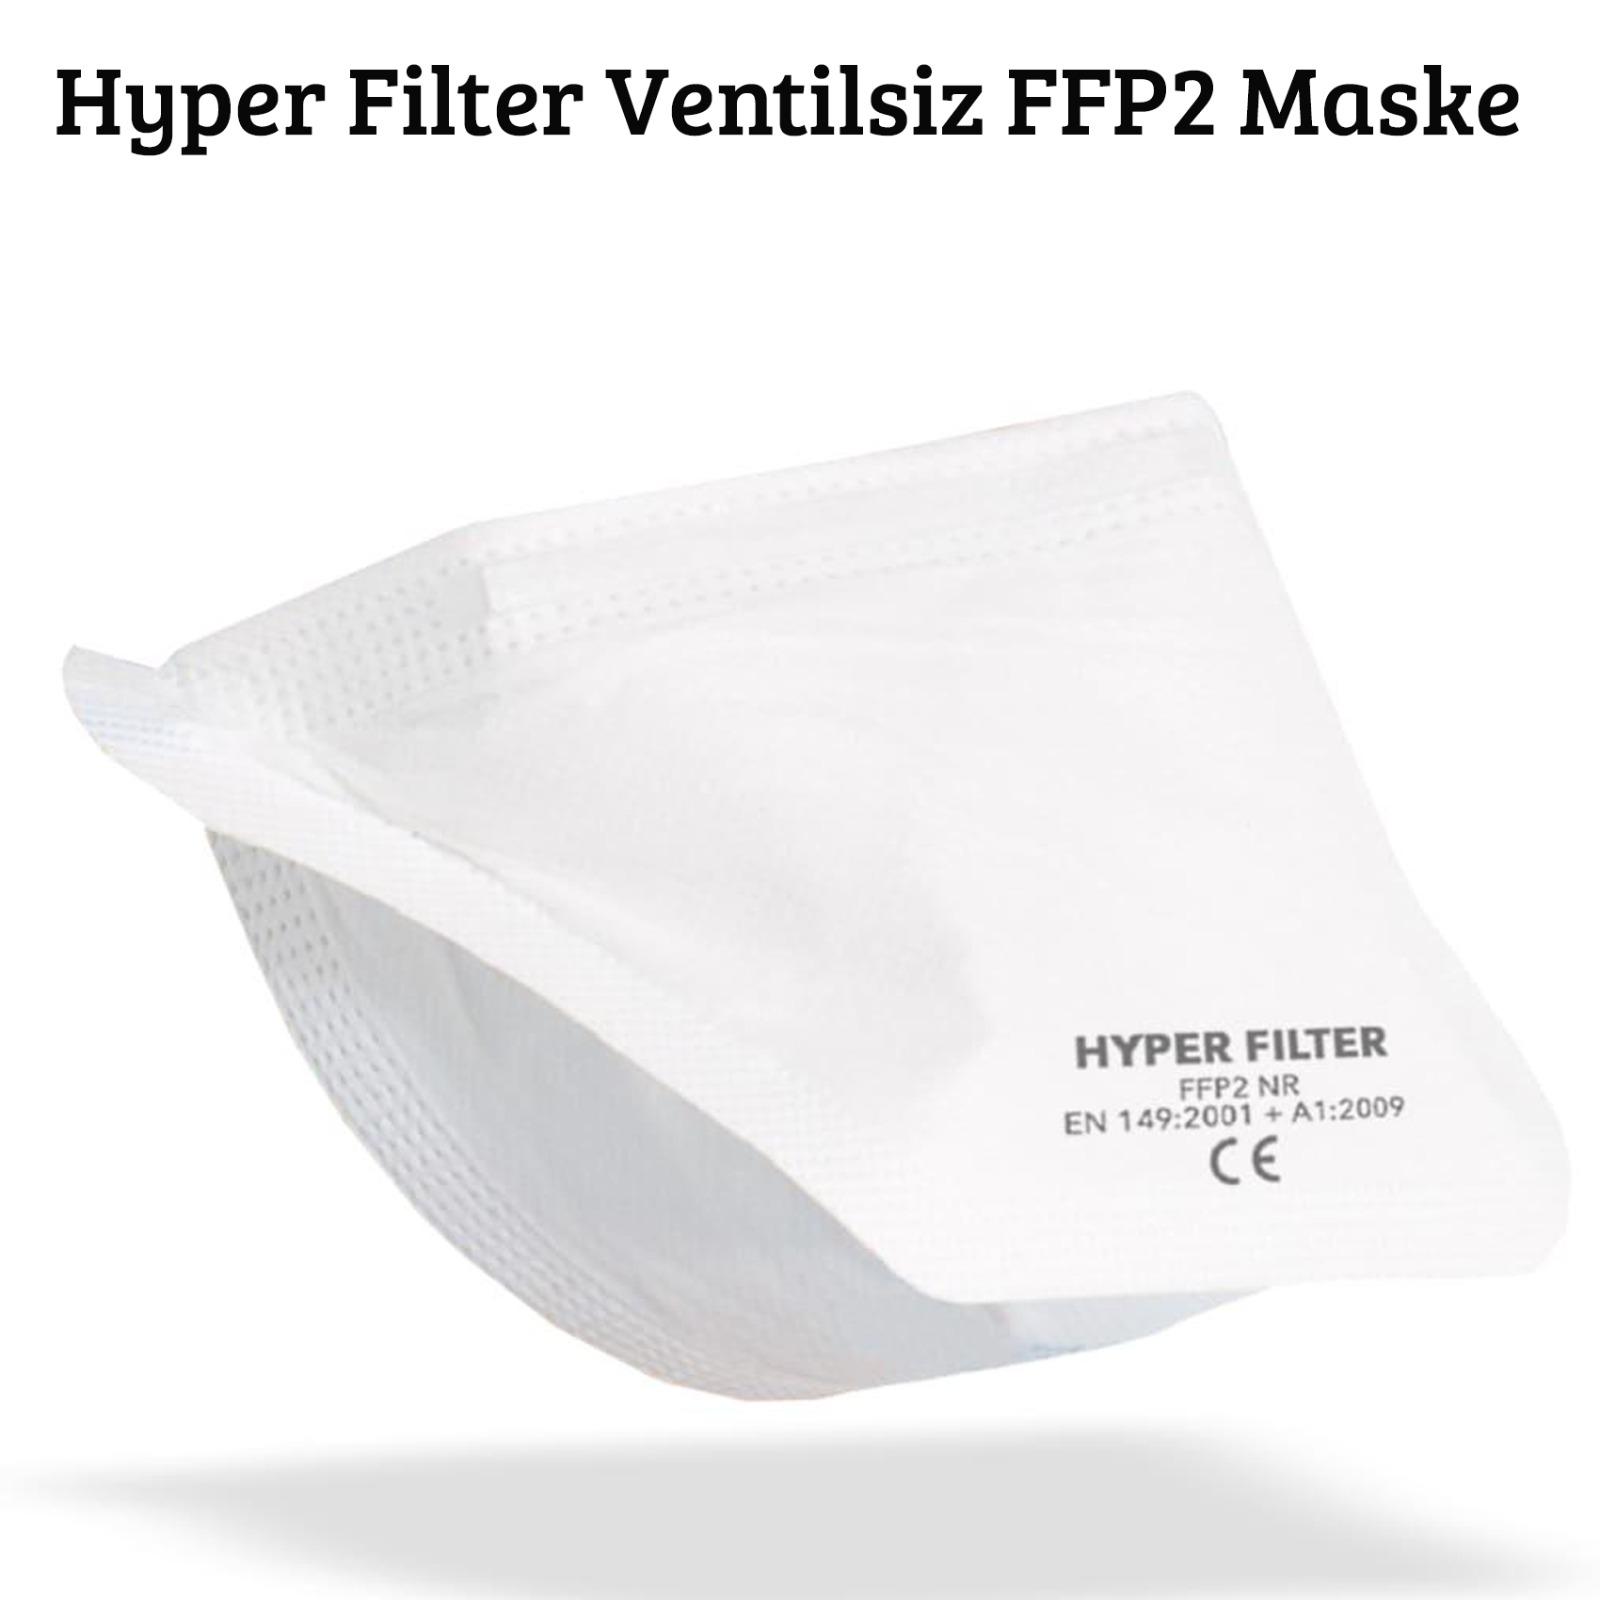 HYPER FILTER FFP2  MASK FOR SALE